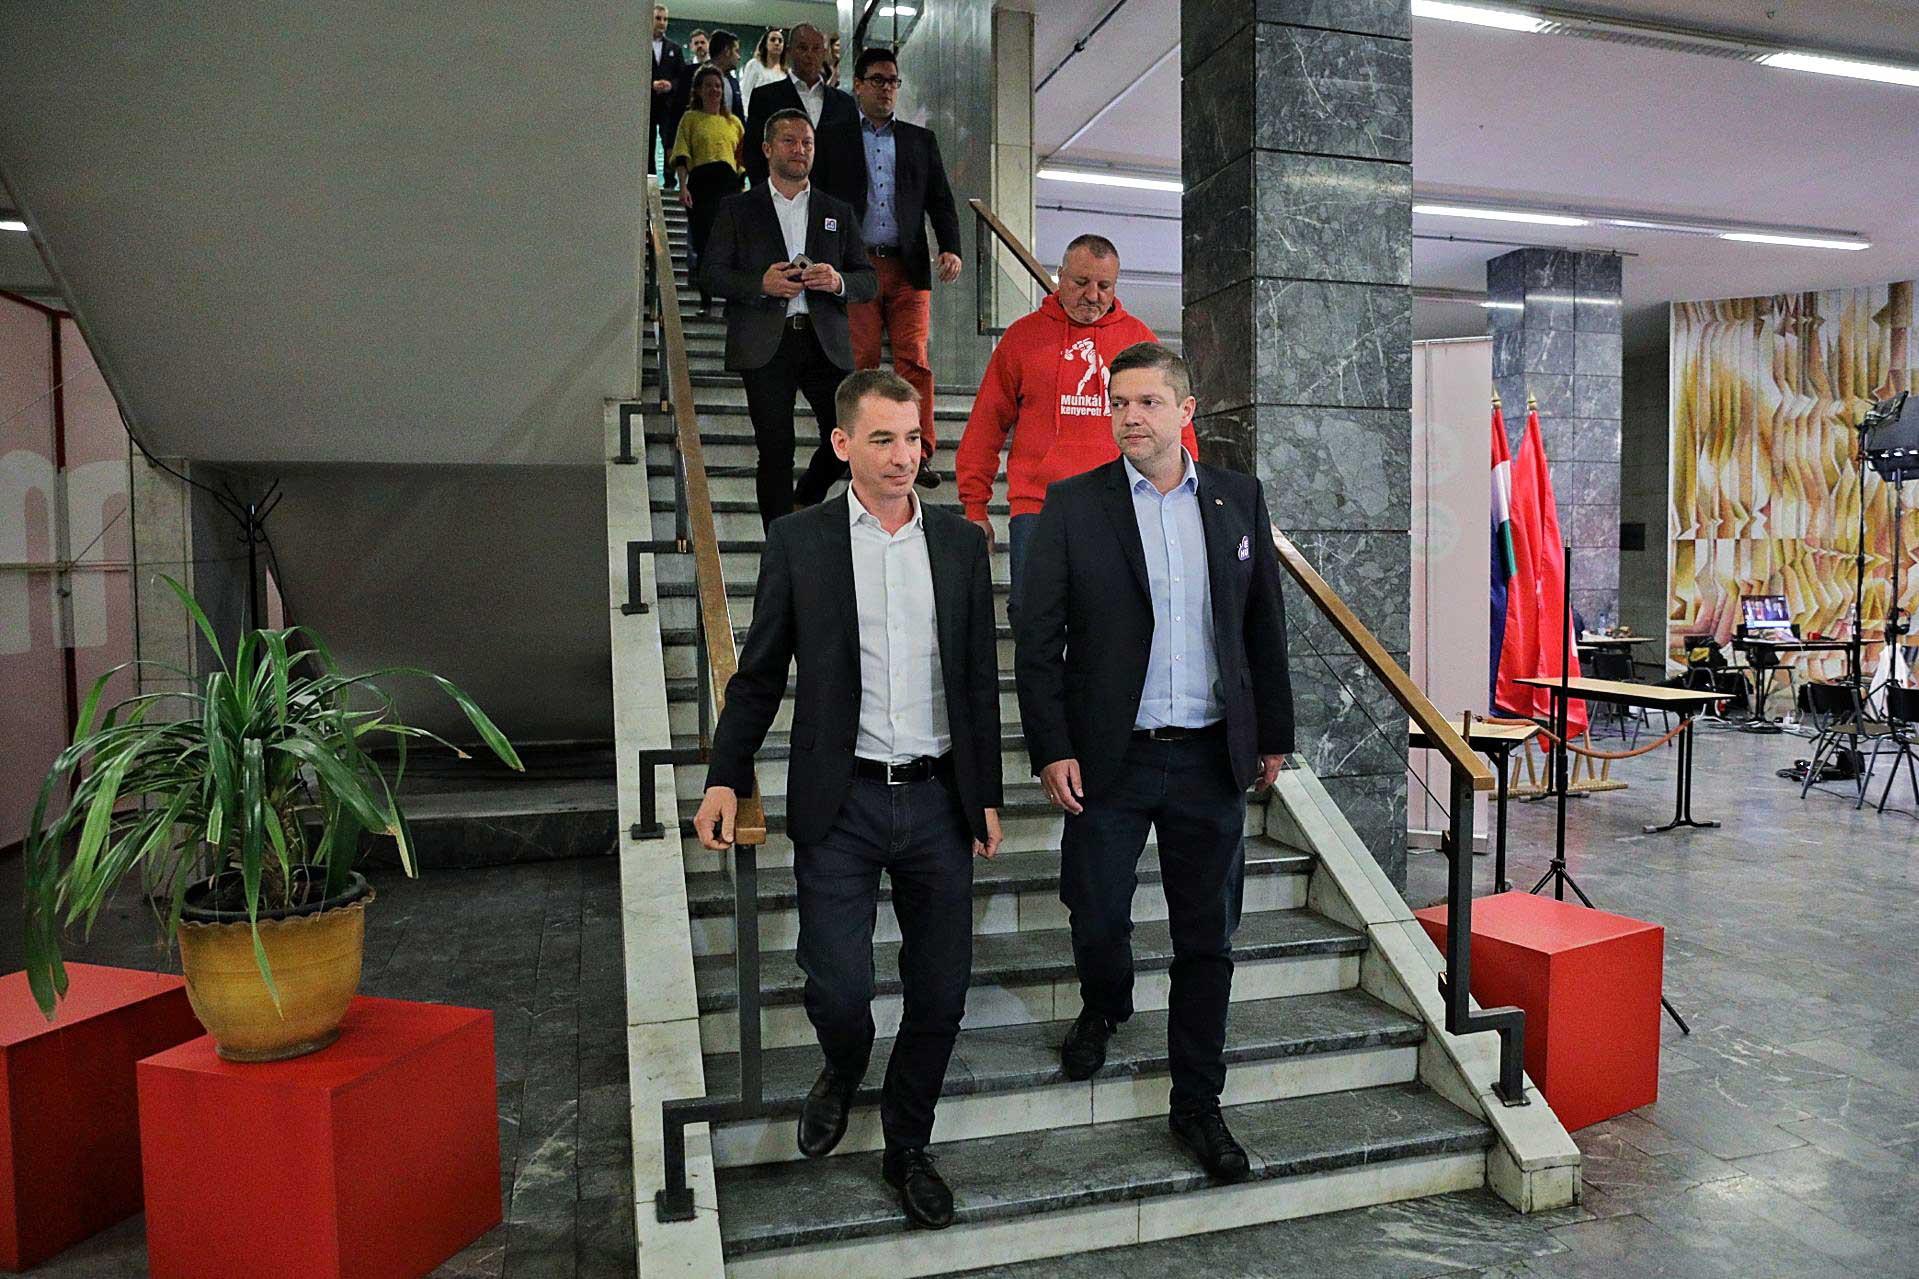 Vert sereg. Az MSZP-Párbeszéd történelmi vereséget szenvedett az EP-választáson, mindössze a szavazatok 6,64 százalékát szerezte meg